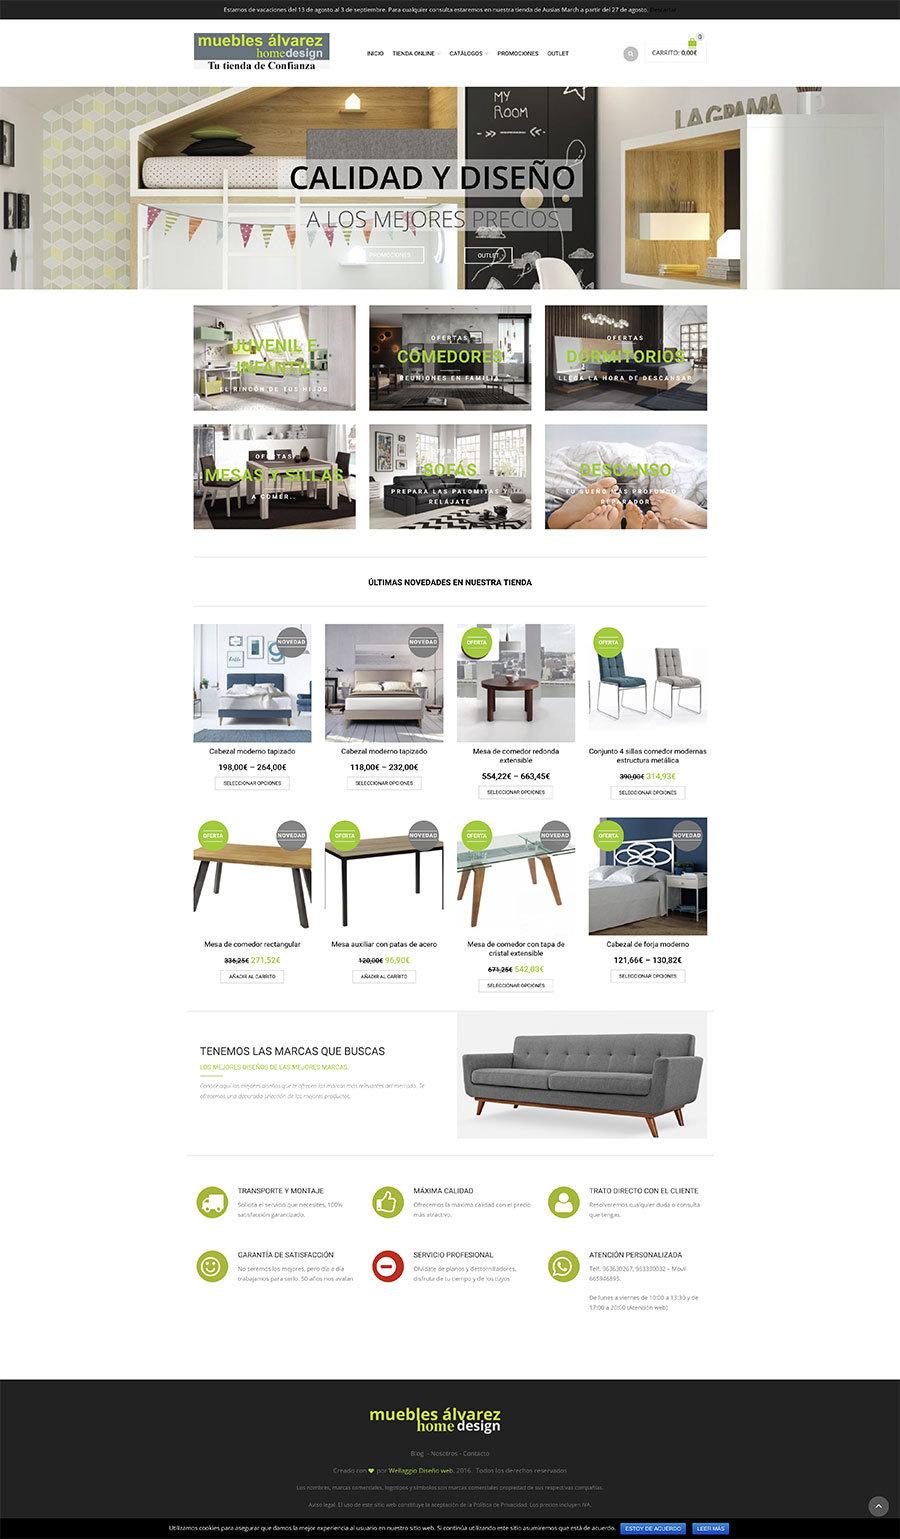 Wellaggio-diseño-web-valencia-mueblesalvarez-2018-08-16-13_42_51